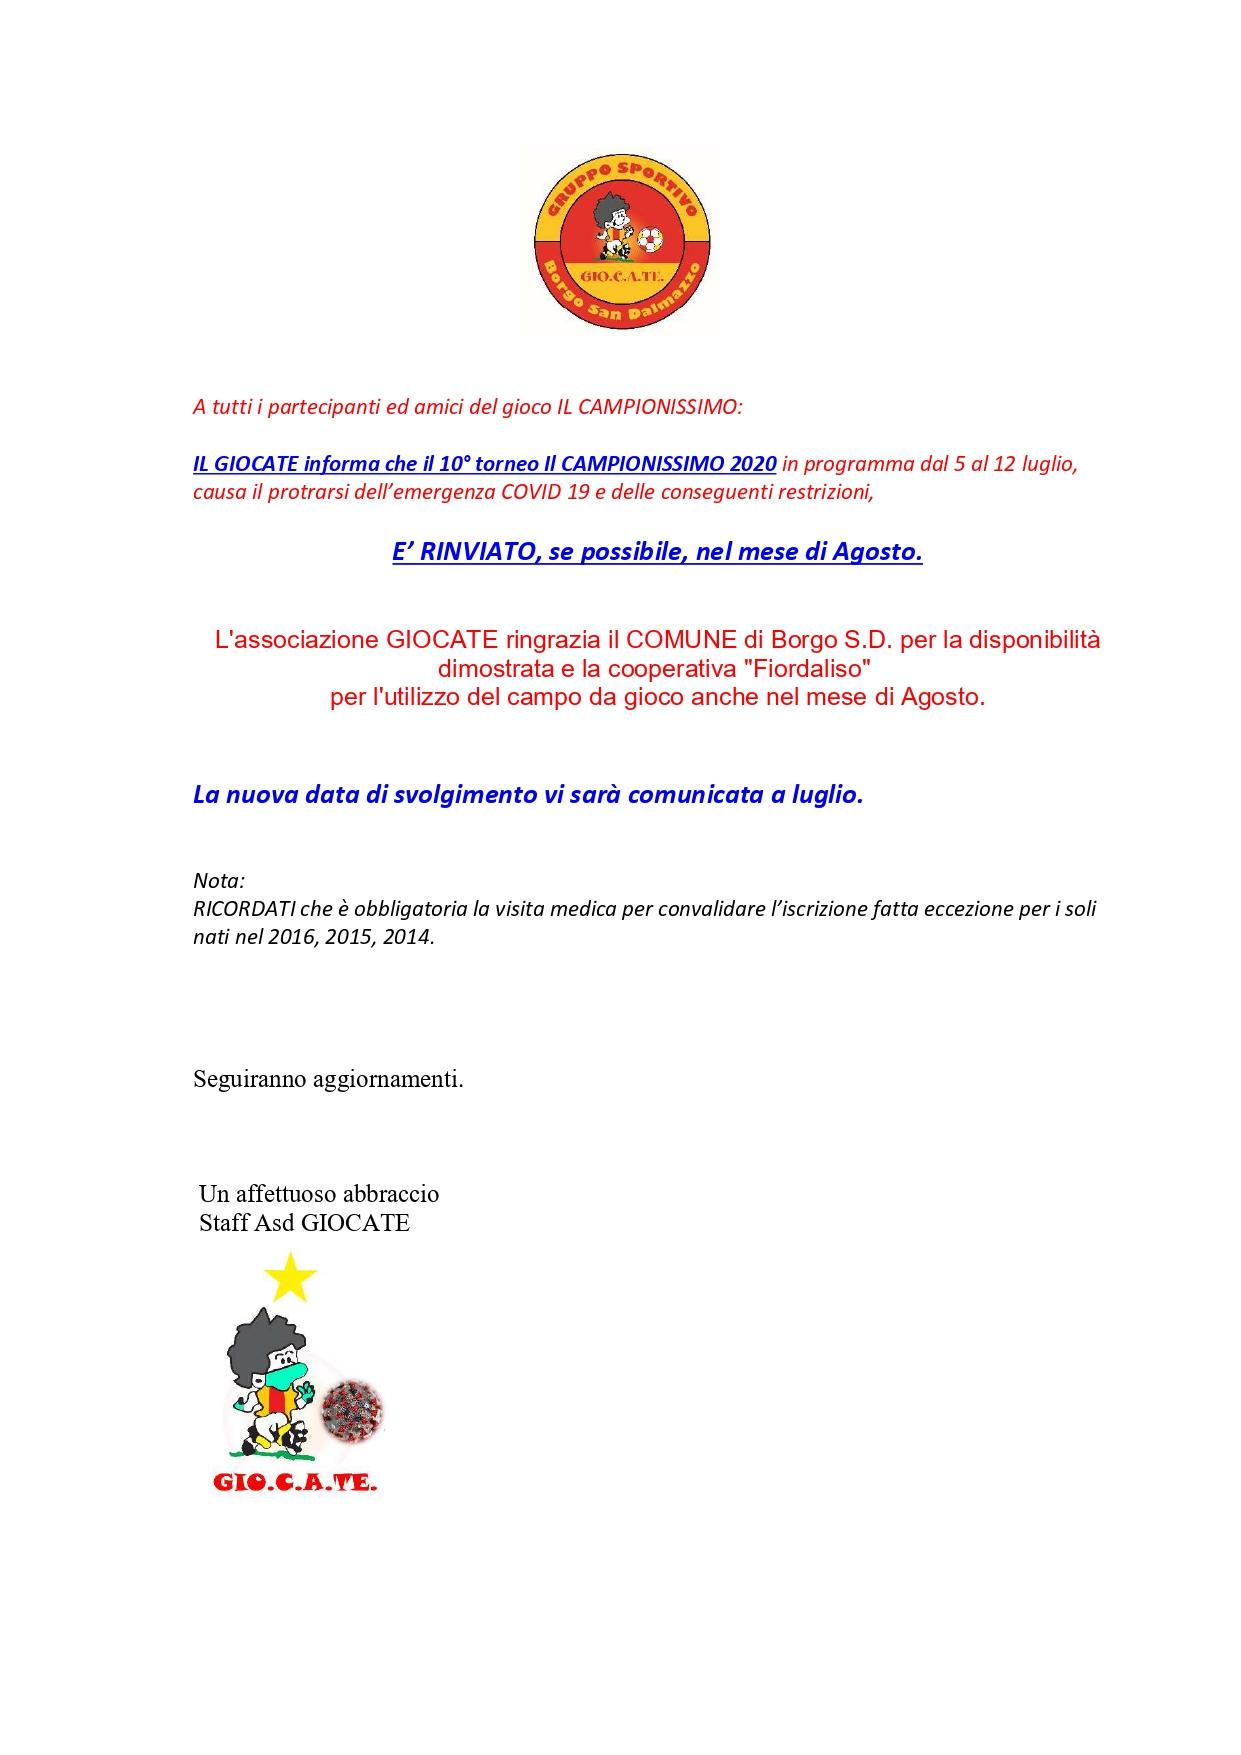 comunicato 10° torneo 2020-01_page-0001